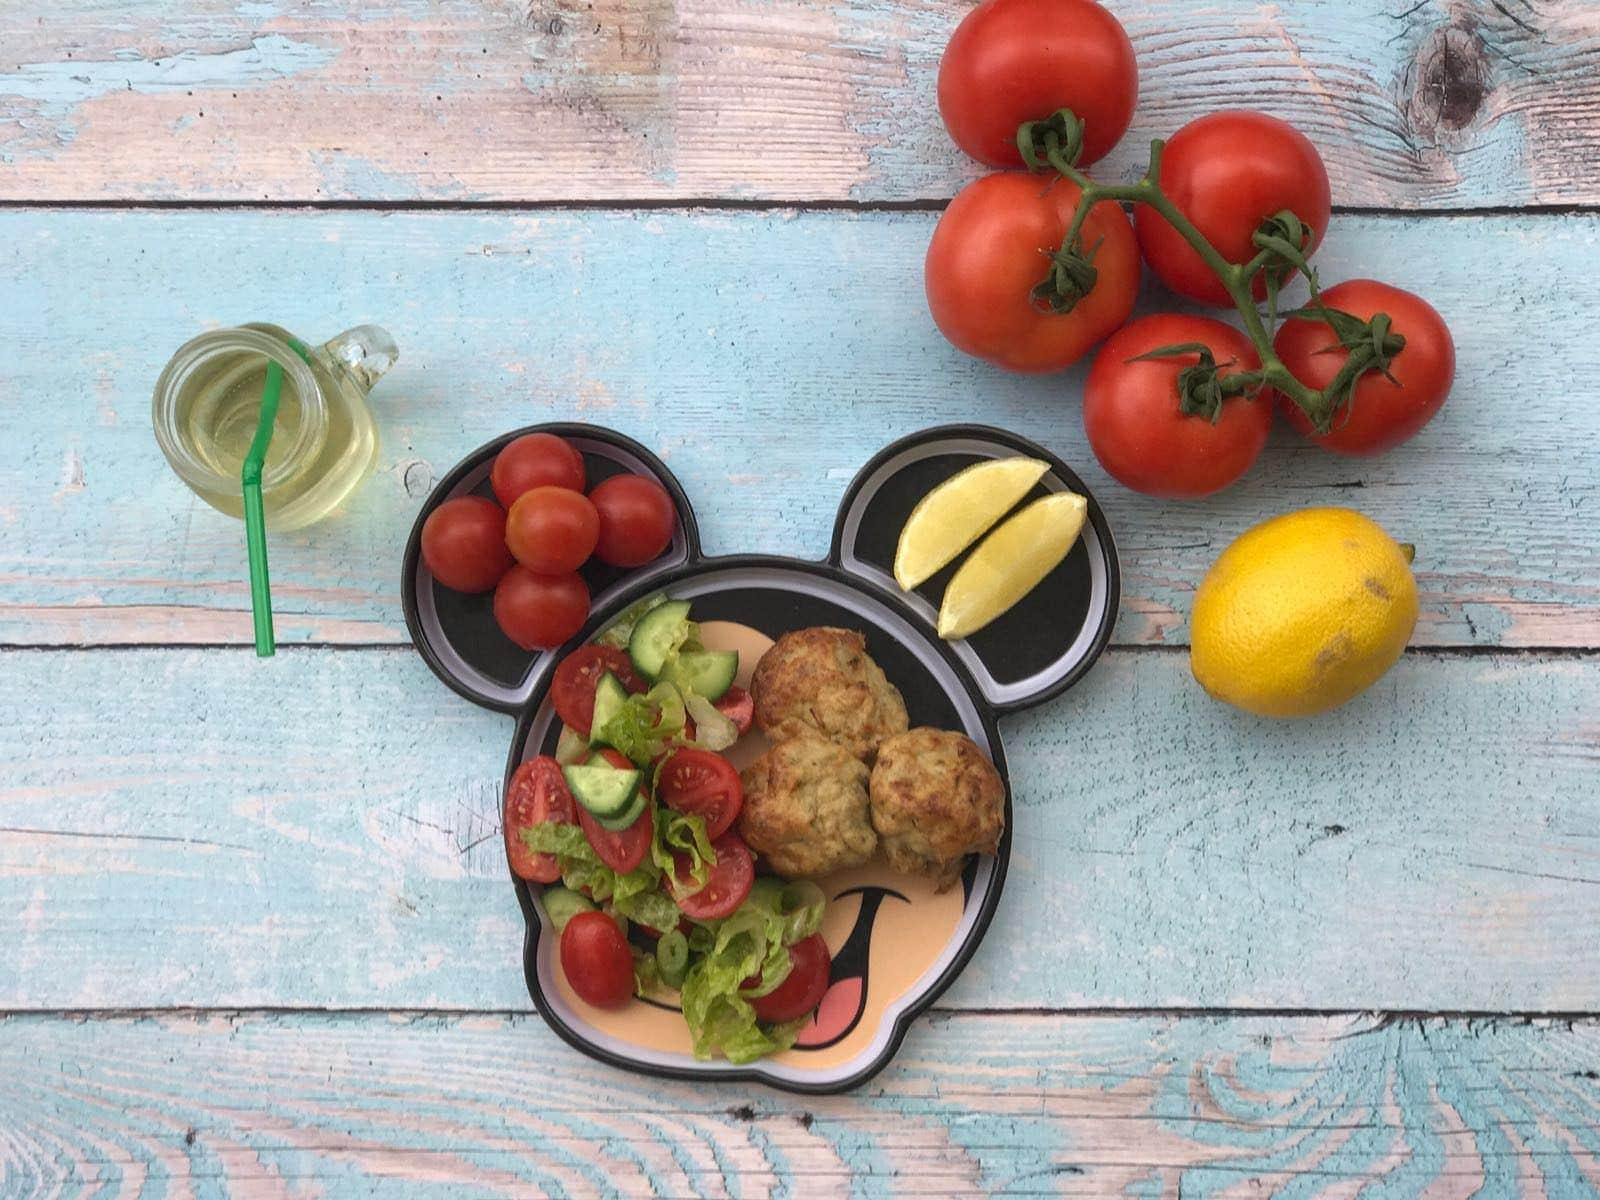 מיני-קציצות עוף ופטריות לקטנטנים לצד סלט ירקות קצוץ גס עם שמן זית ולימון | צילום: דביר גולן